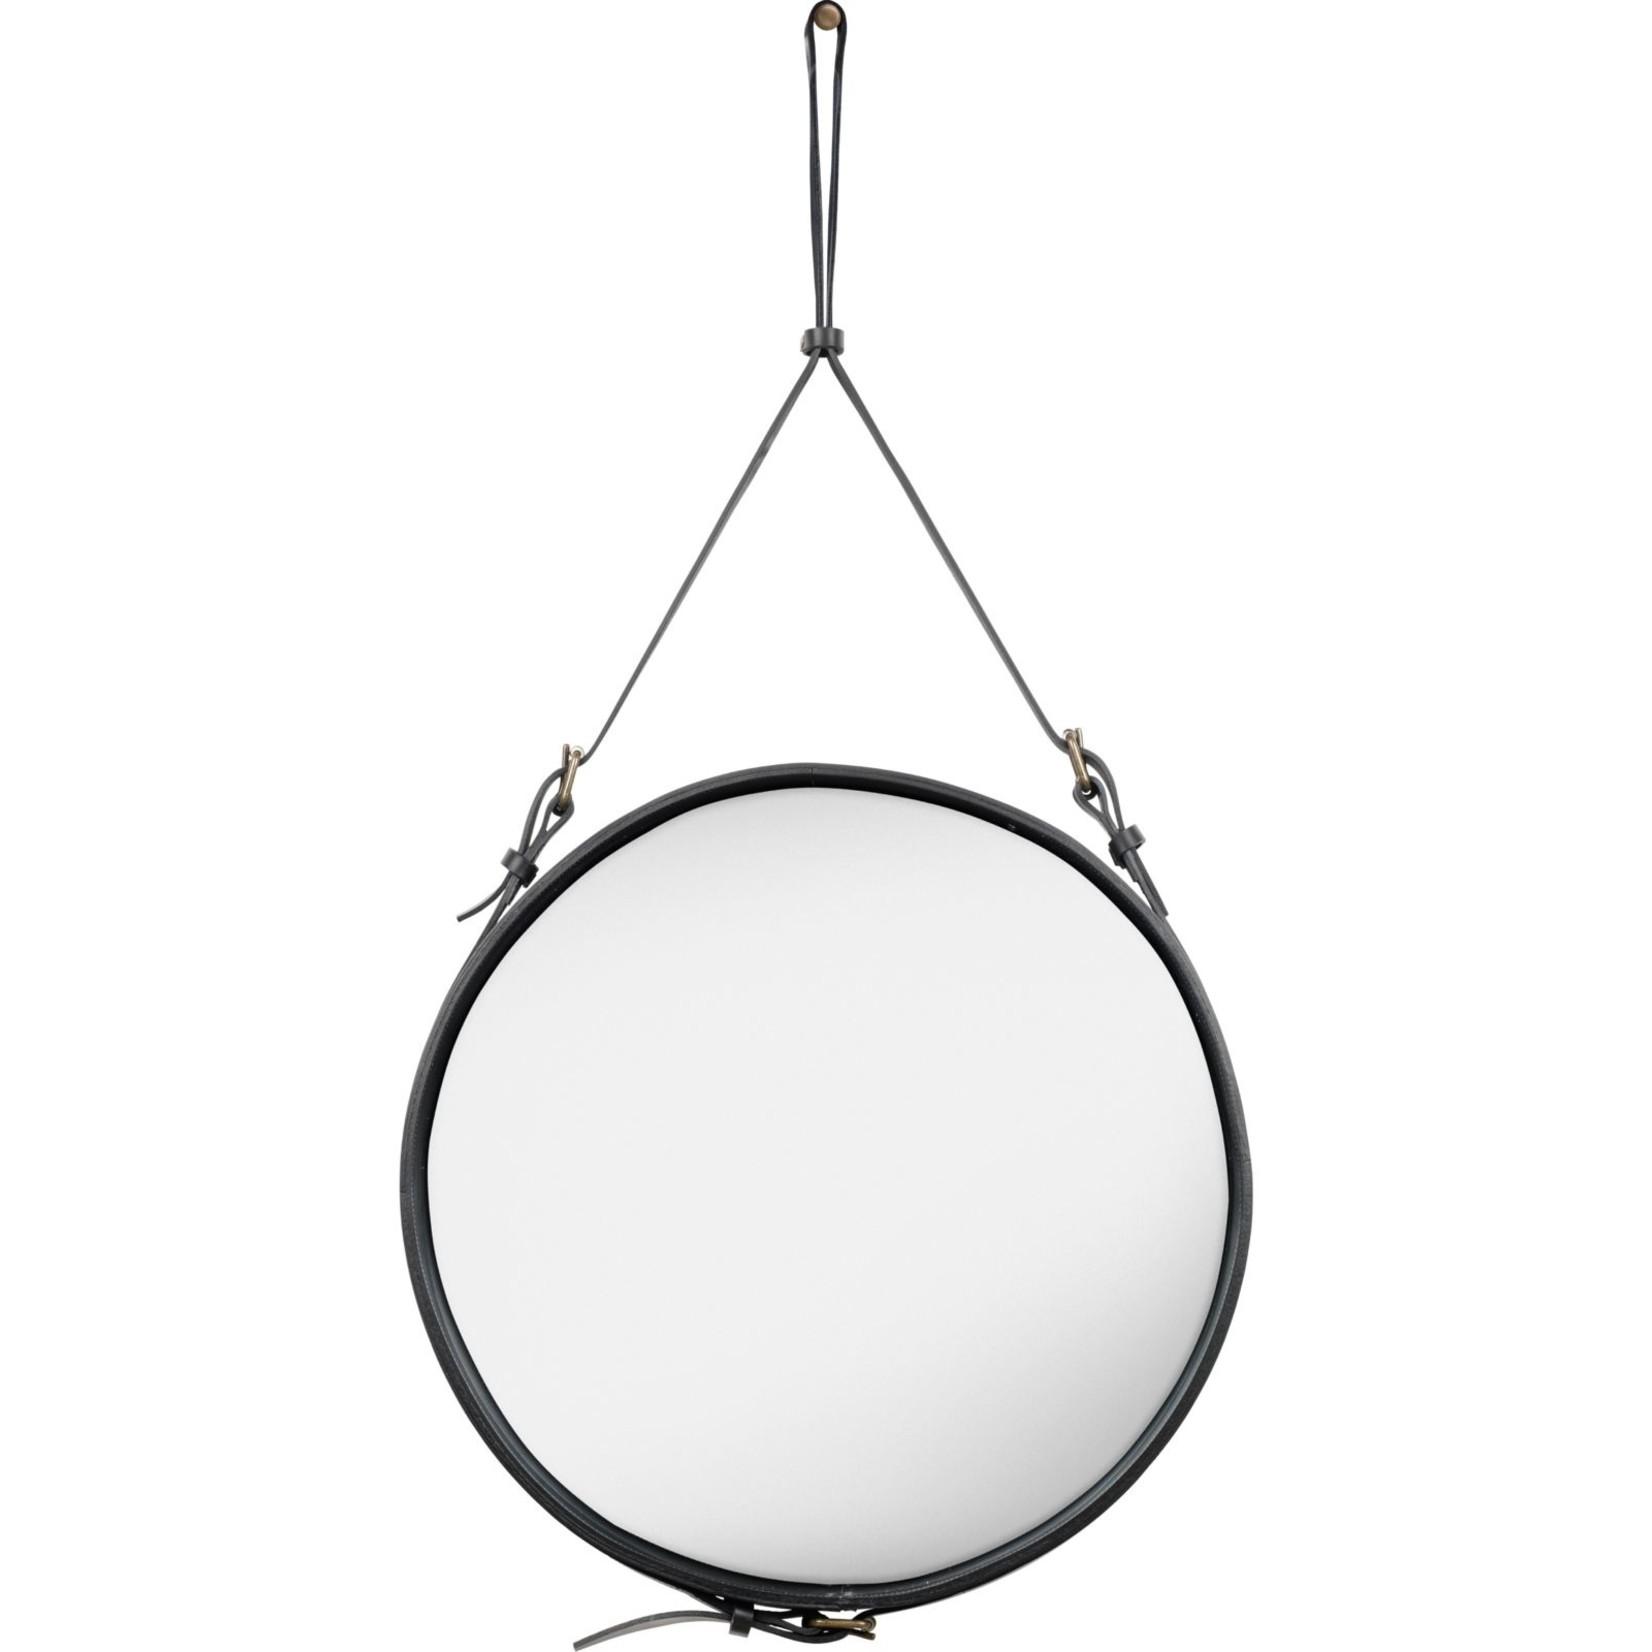 Gubi Wall mirror Adnet - Round - Ø58 - Black Leather